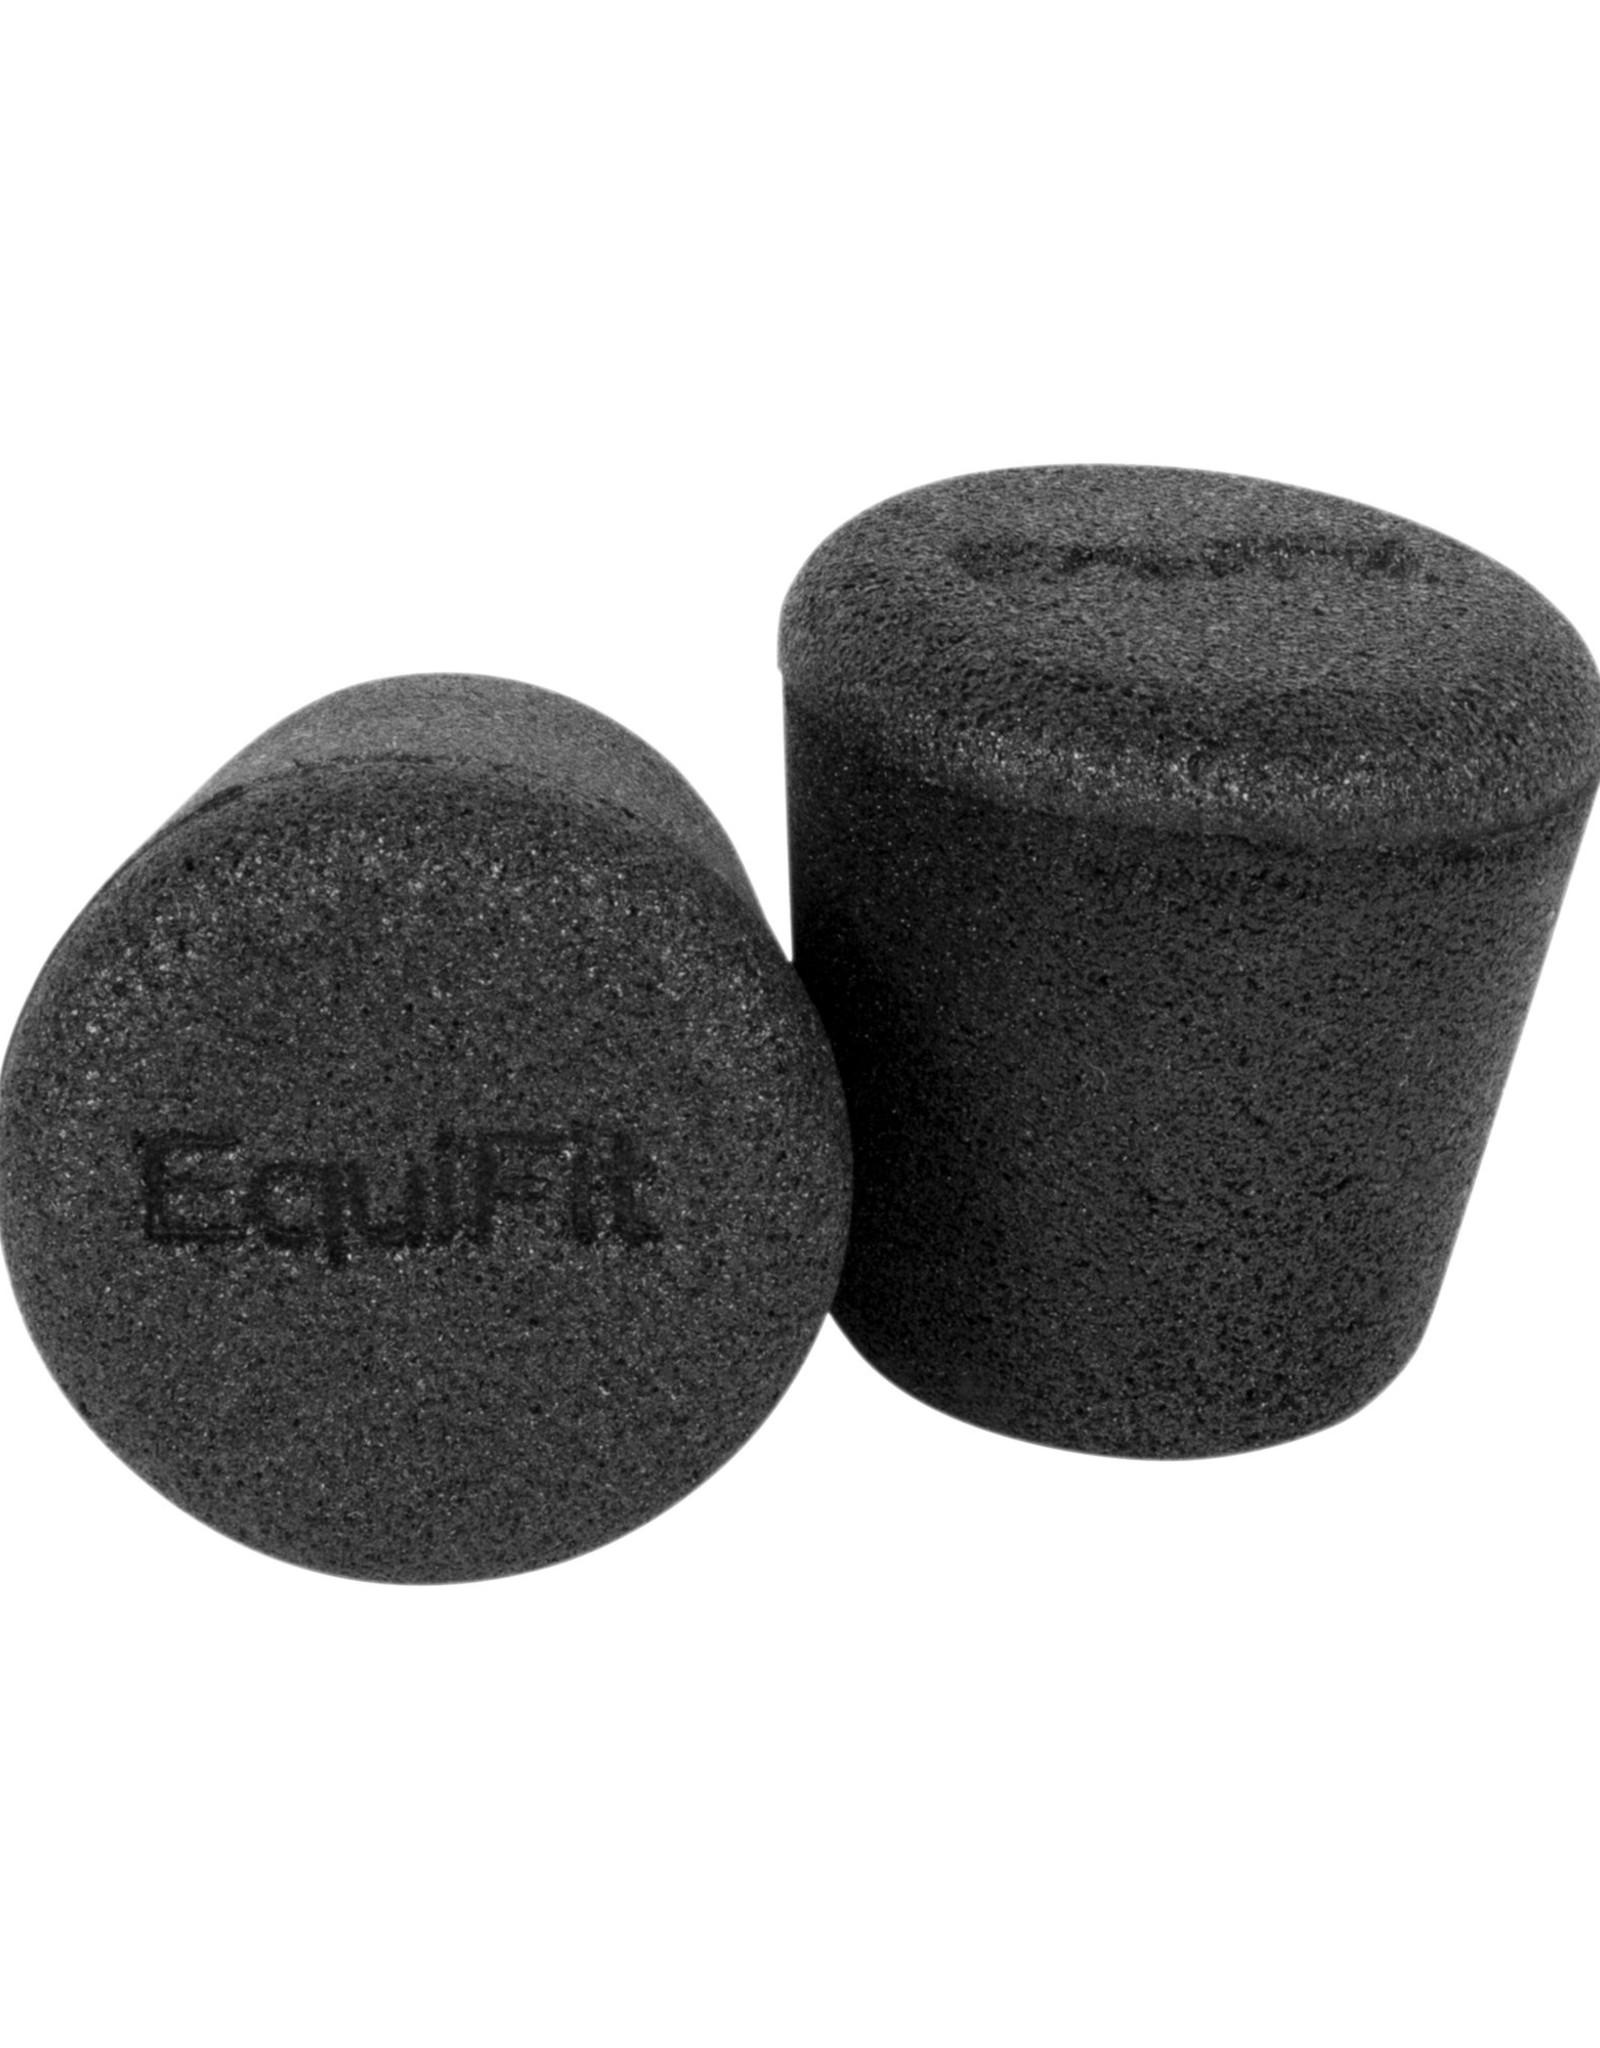 EQUIFIT SILENTFIT EAR PLUGS 4 PAIR